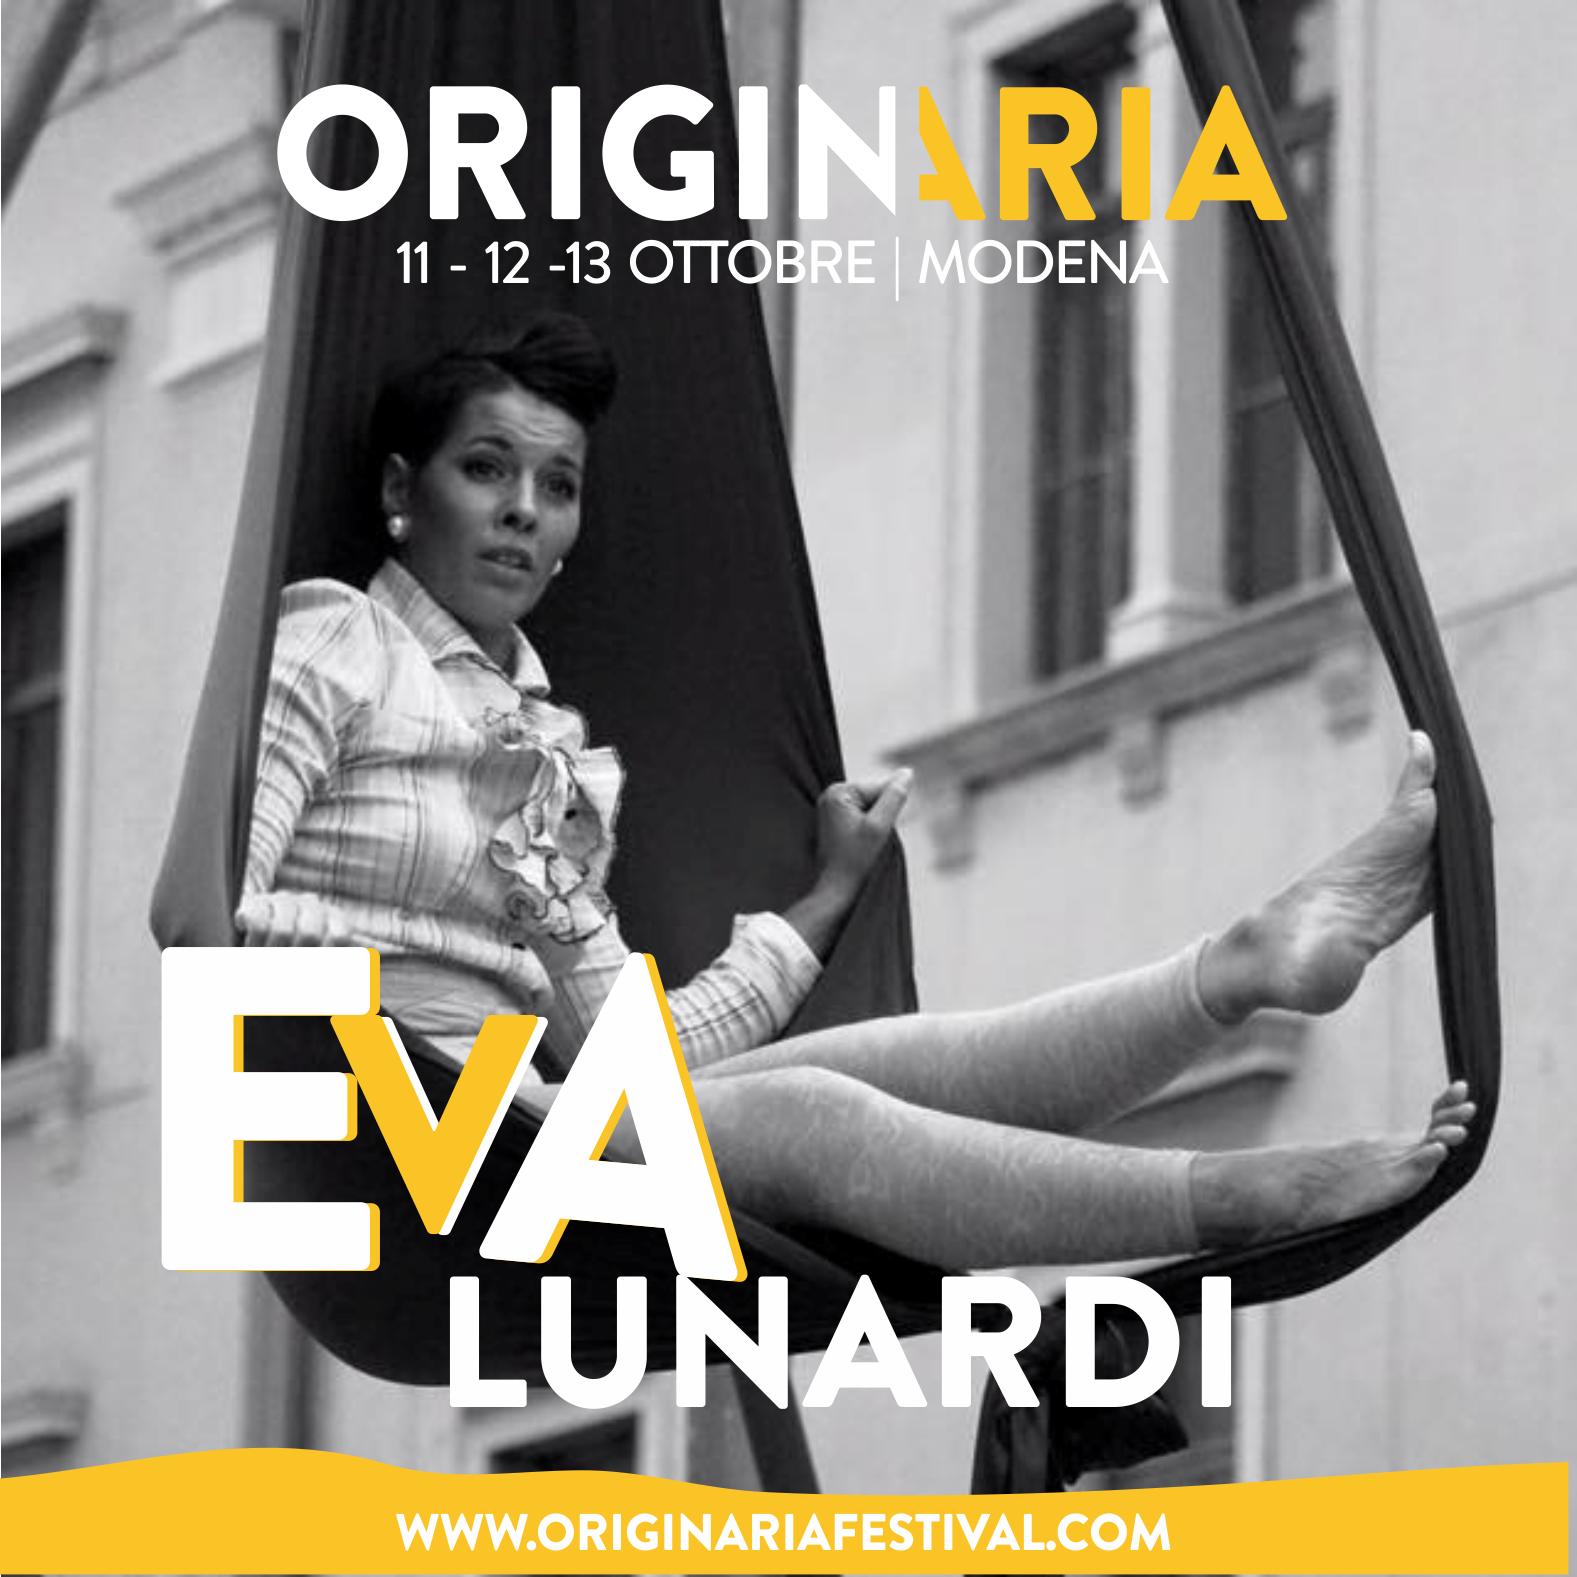 Eva Lunardi OriginAria Festival